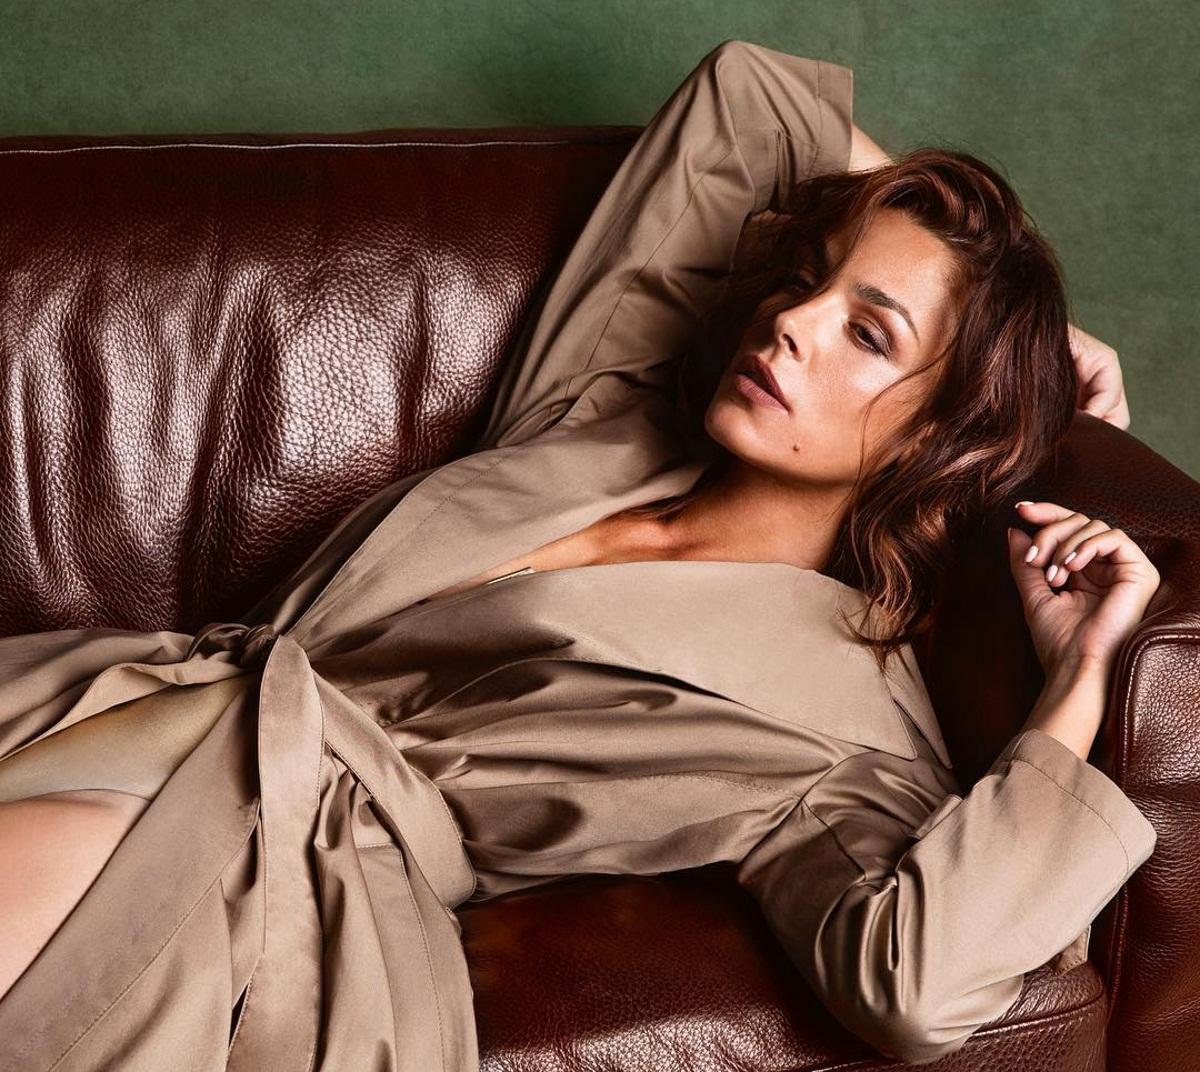 Ιωάννα Τριανταφυλλίδου: Η εμπειρία της στις Ηνωμένες Πολιτείες και η επιστροφή της στην Ελλάδα ως παρουσιάστρια | tlife.gr